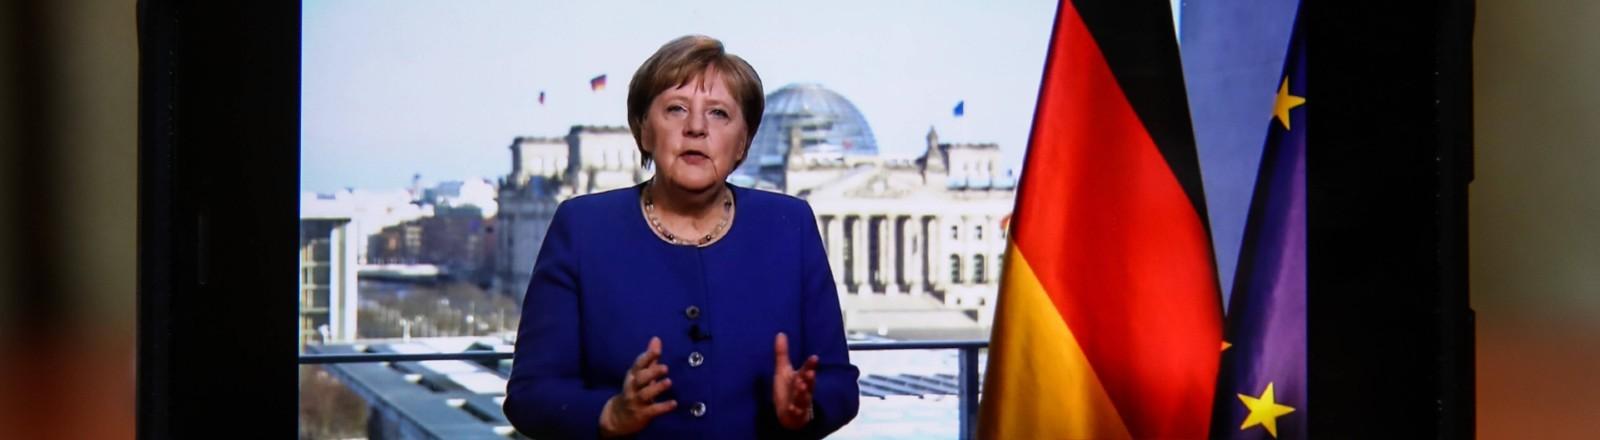 TV-Ansprache von Angela Merkel am 18.03.2020 auf einem Smartphone-Bildschirm